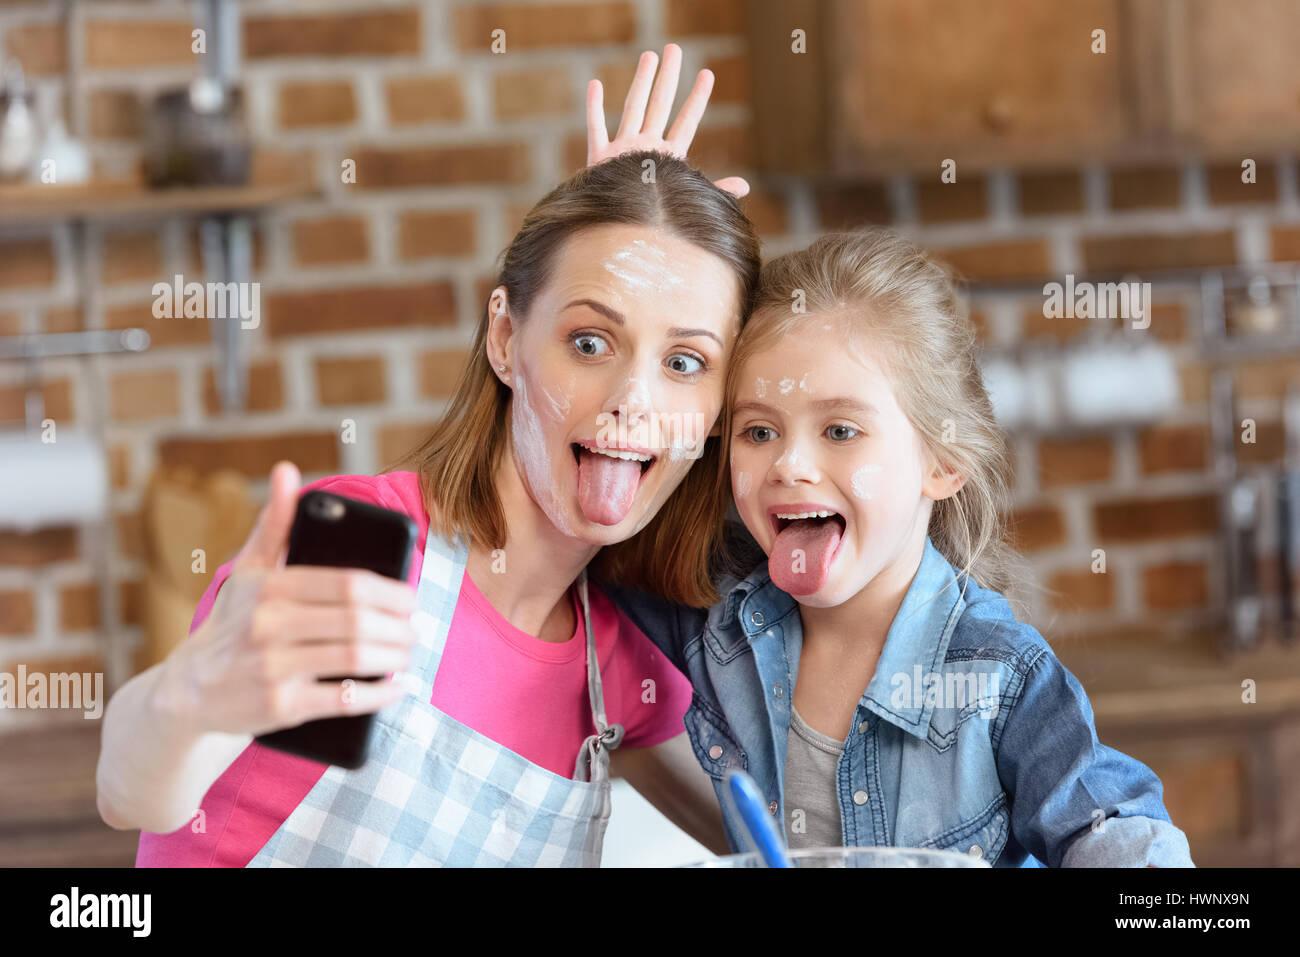 Retrato de la mueca, madre e hija haciendo selfie mientras cocina en casa Imagen De Stock